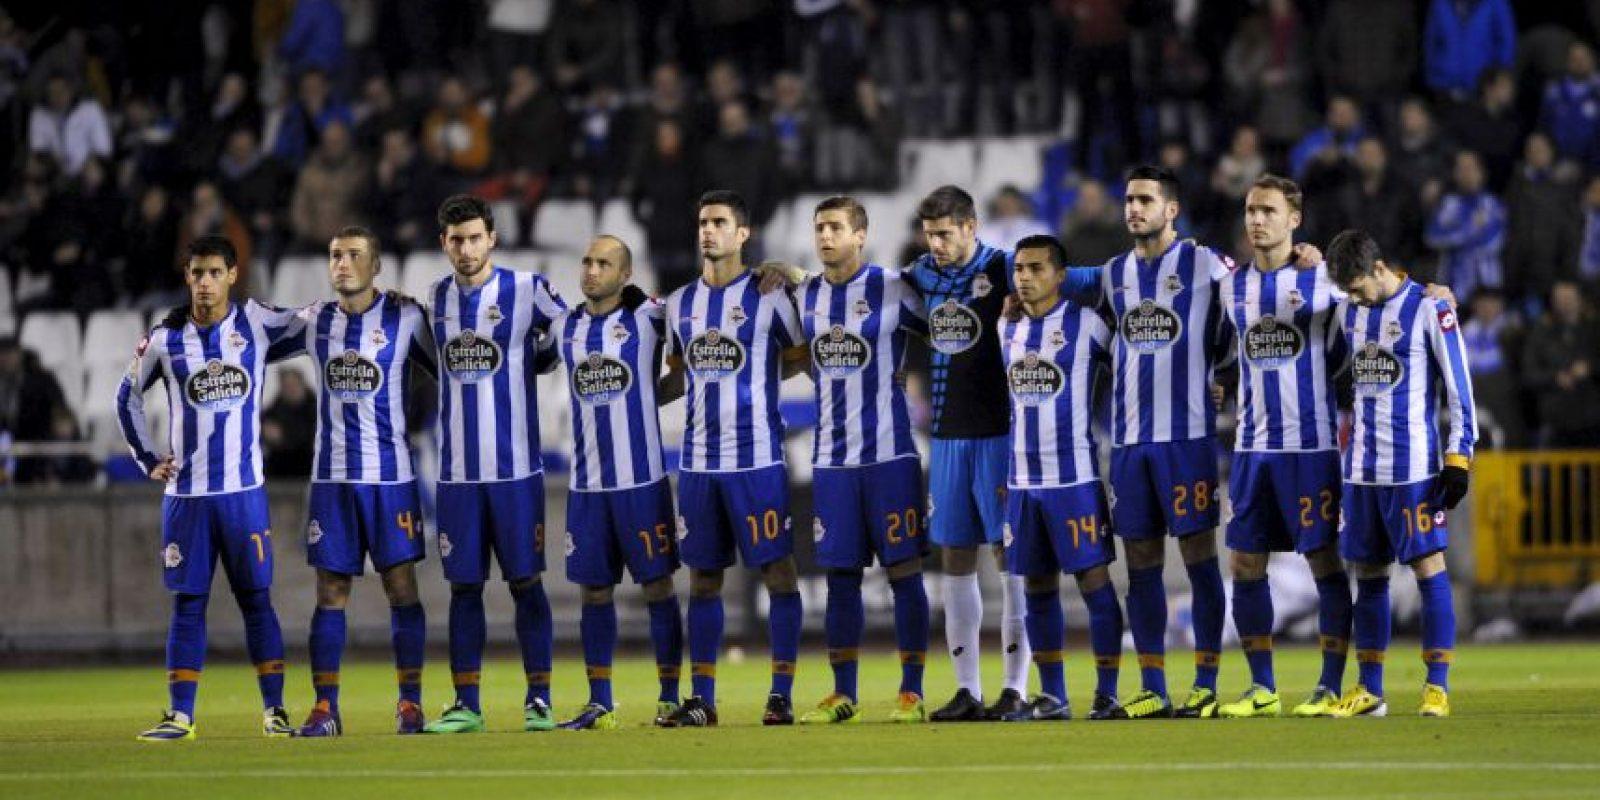 11. Deportivo La Coruña / La Coruña / DT Víctor Sánchez del Amo / Estadio Riazor. Foto:Getty Images